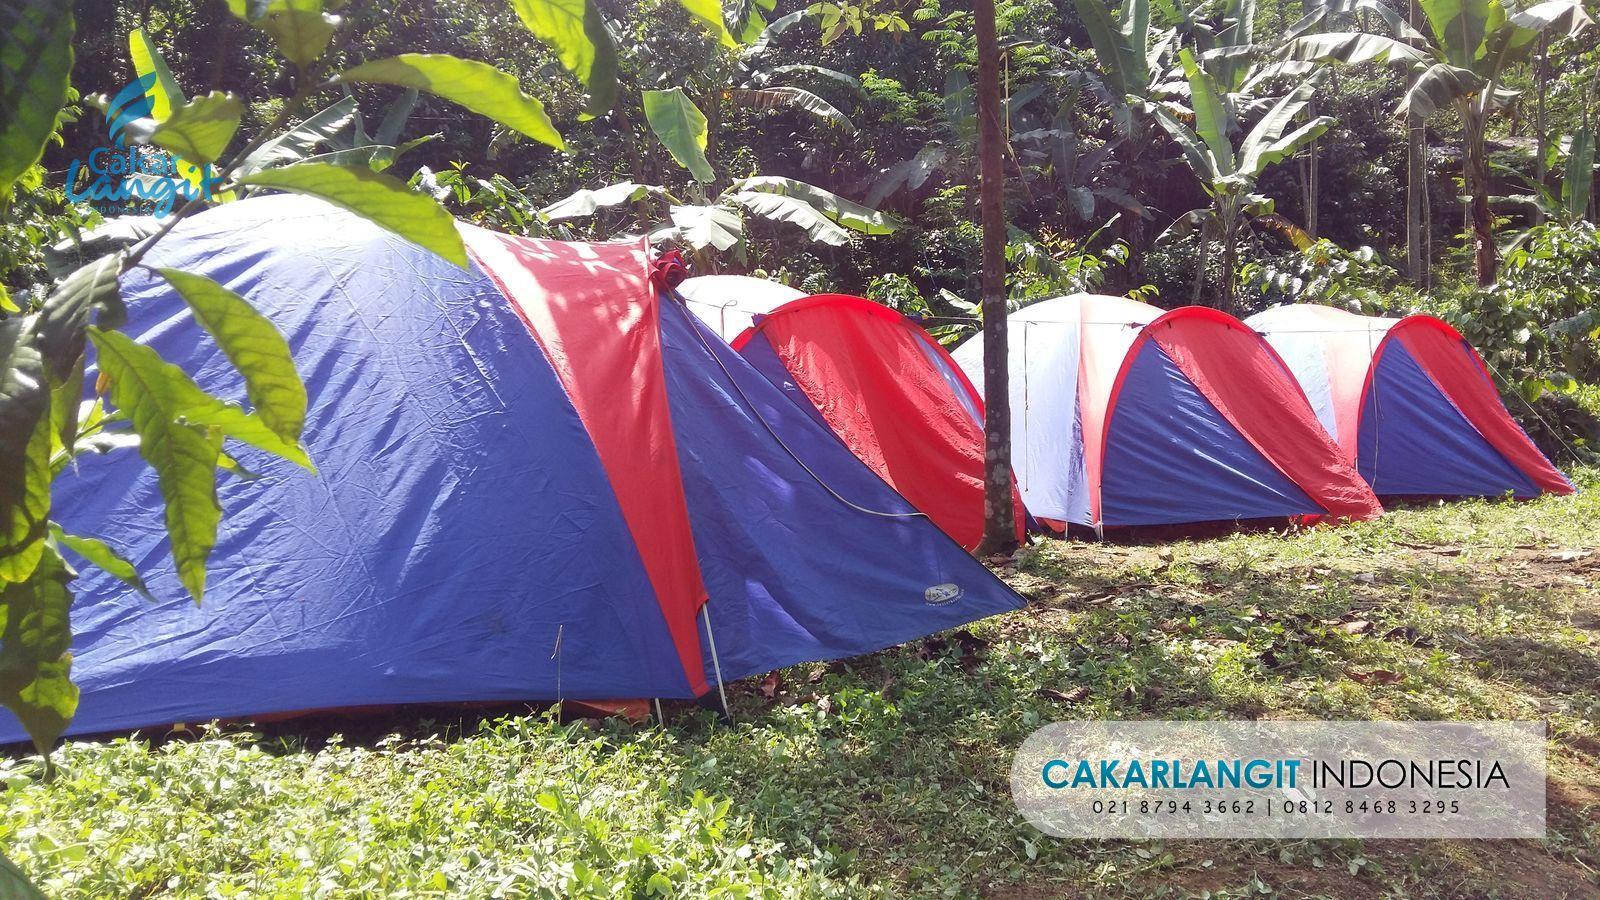 081284683295 Rekomendasi Lokasi Sewa Alat Camping Murah Dekat Tambun Selatan Bekasi